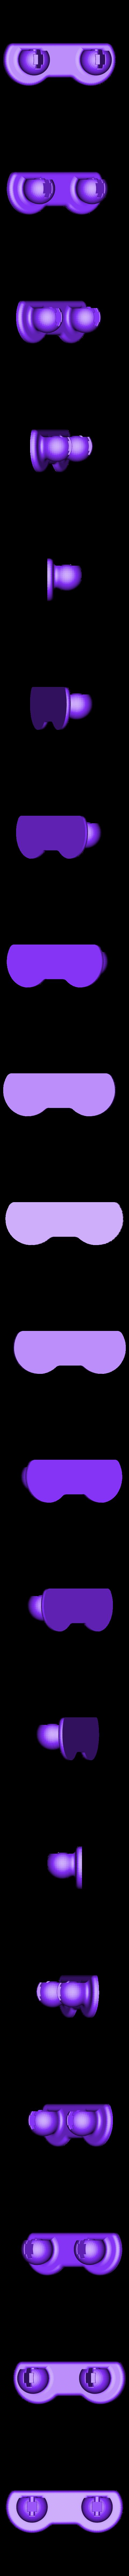 scopic_base_x2.STL Télécharger fichier STL gratuit Distributeur de filament réglable SCOPIC • Design pour imprimante 3D, sneaks